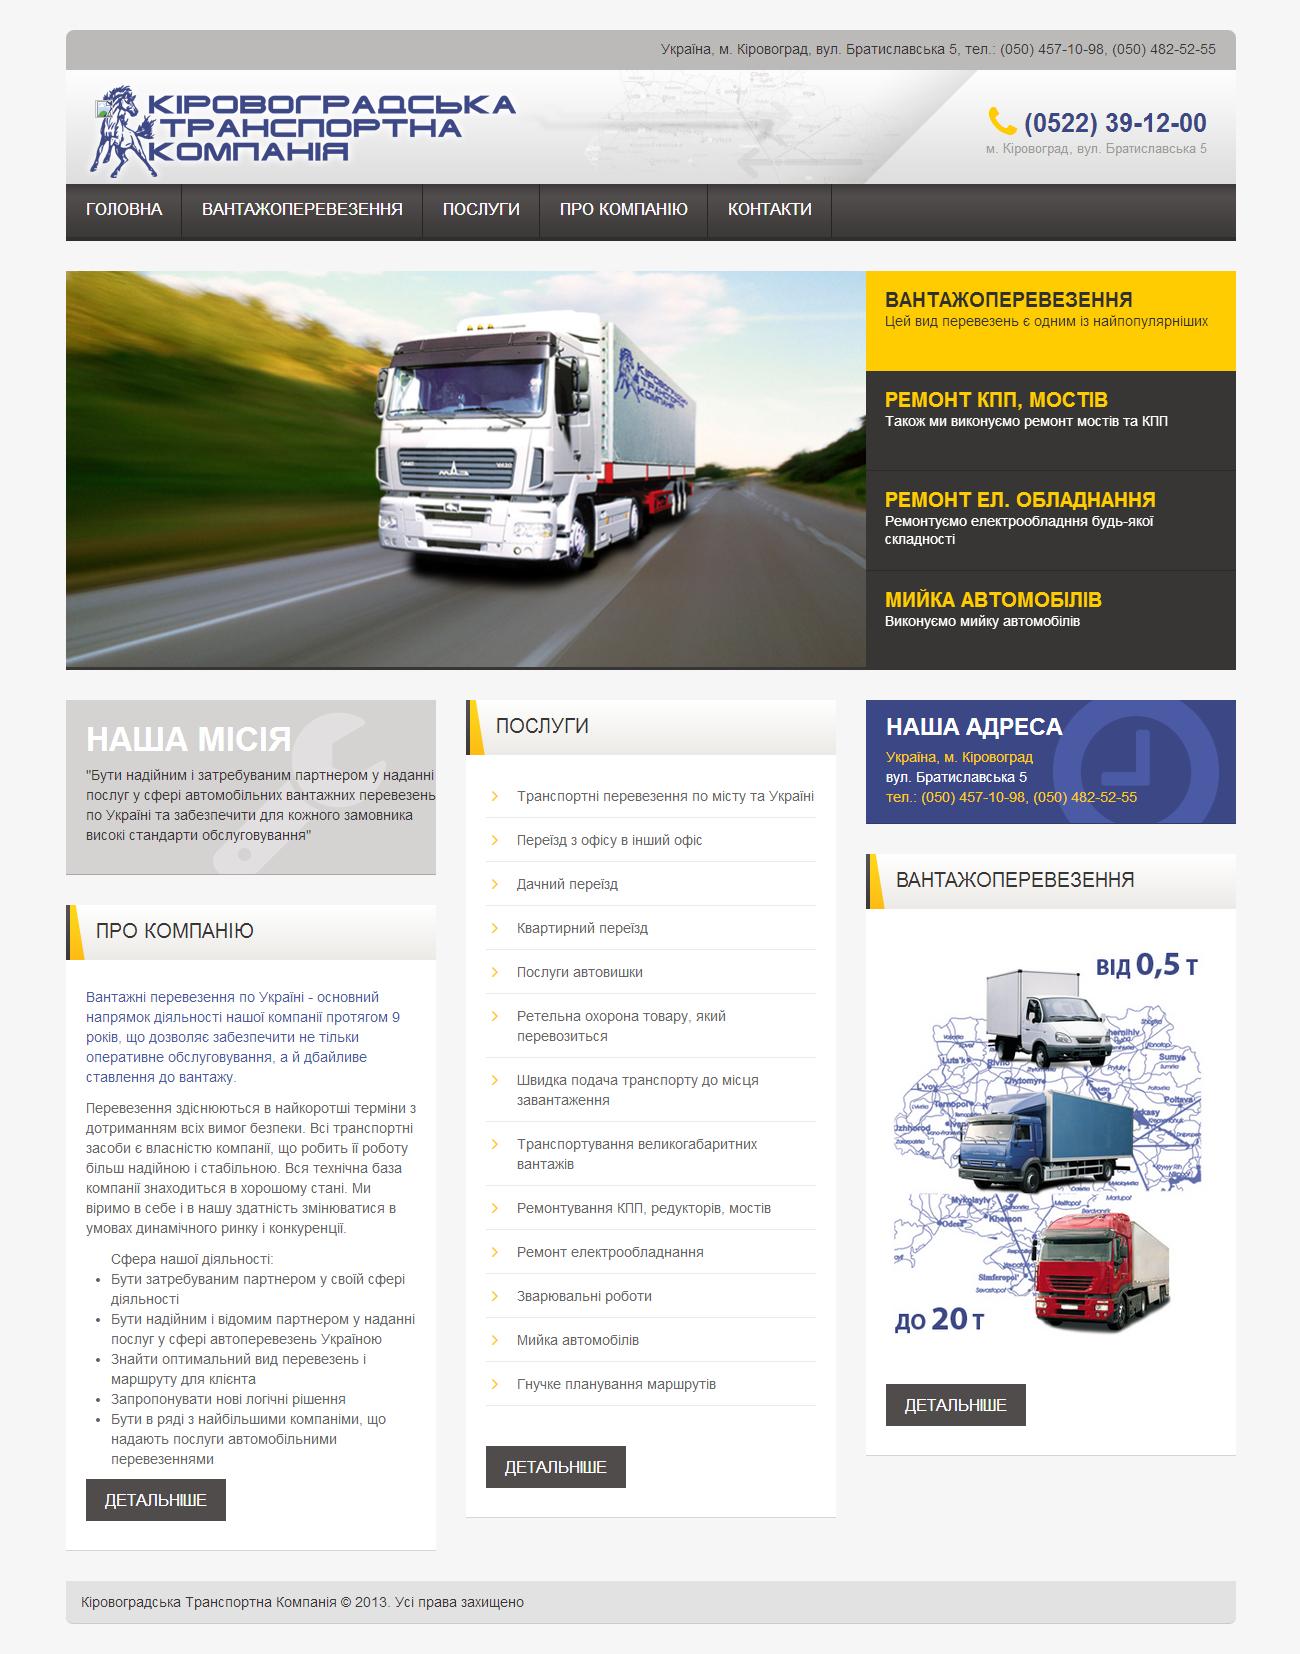 Кировоградская транспортная компания